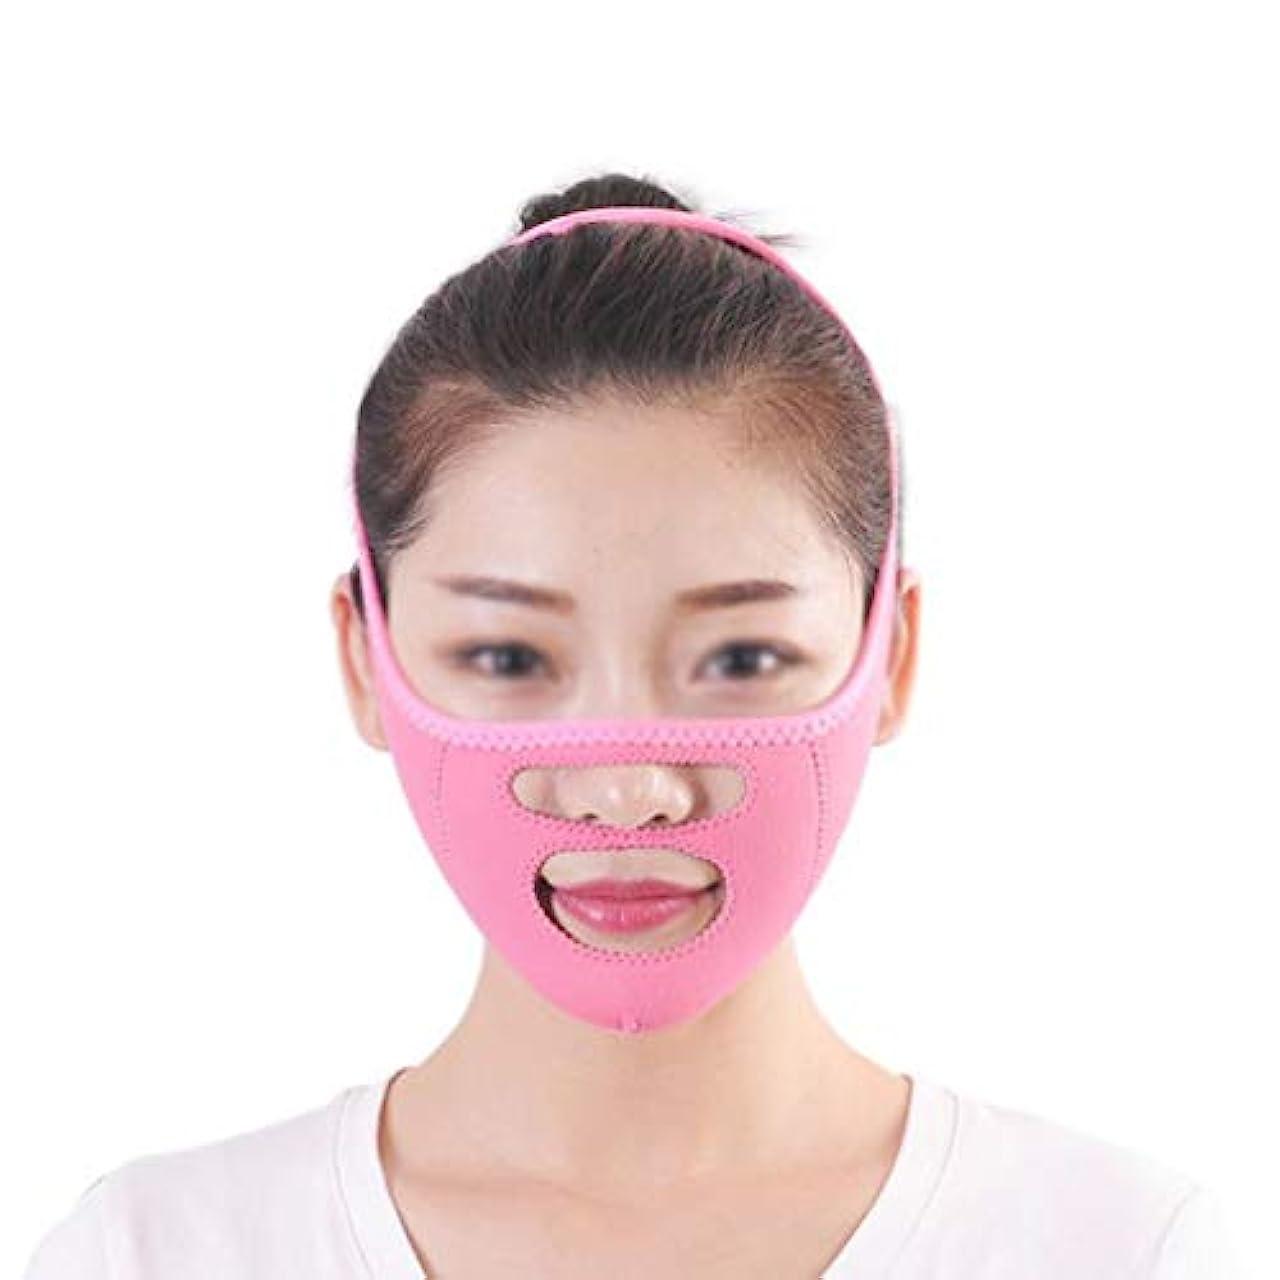 ボクシングドレインスキムZWBD フェイスマスク, 薄い顔のアーティファクト包帯Vの顔薄い咬筋補正Vの顔のアーティファクトを整形して、身体の健康の引き締めを改善する